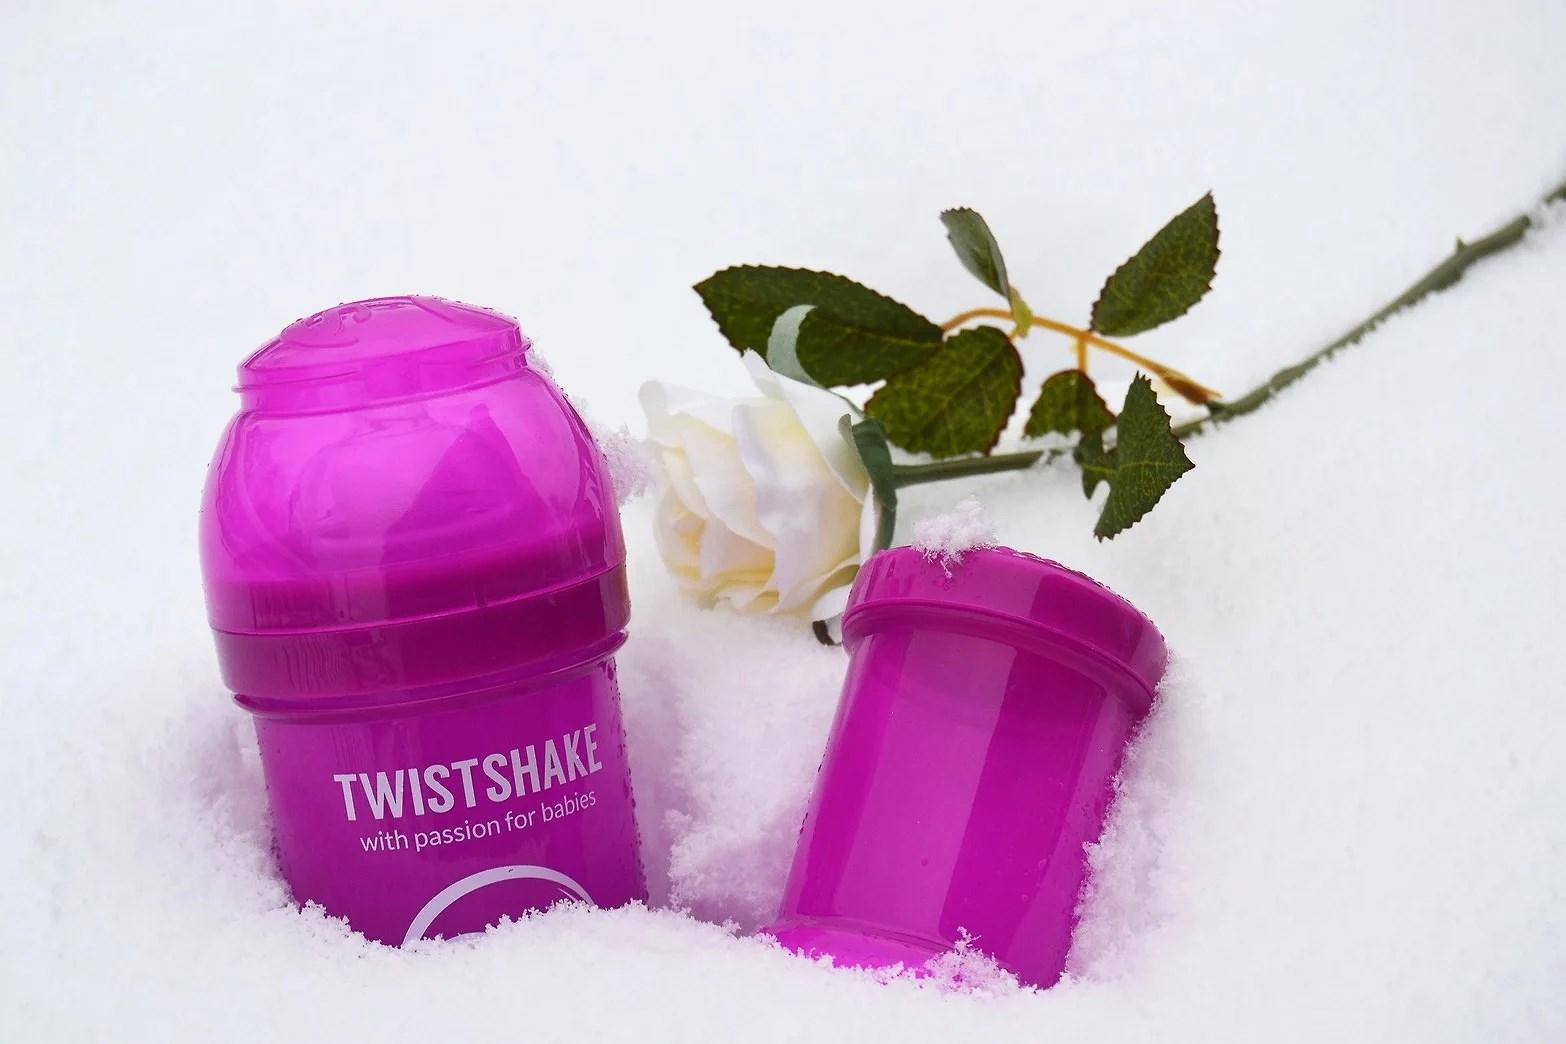 www.twistshake.com